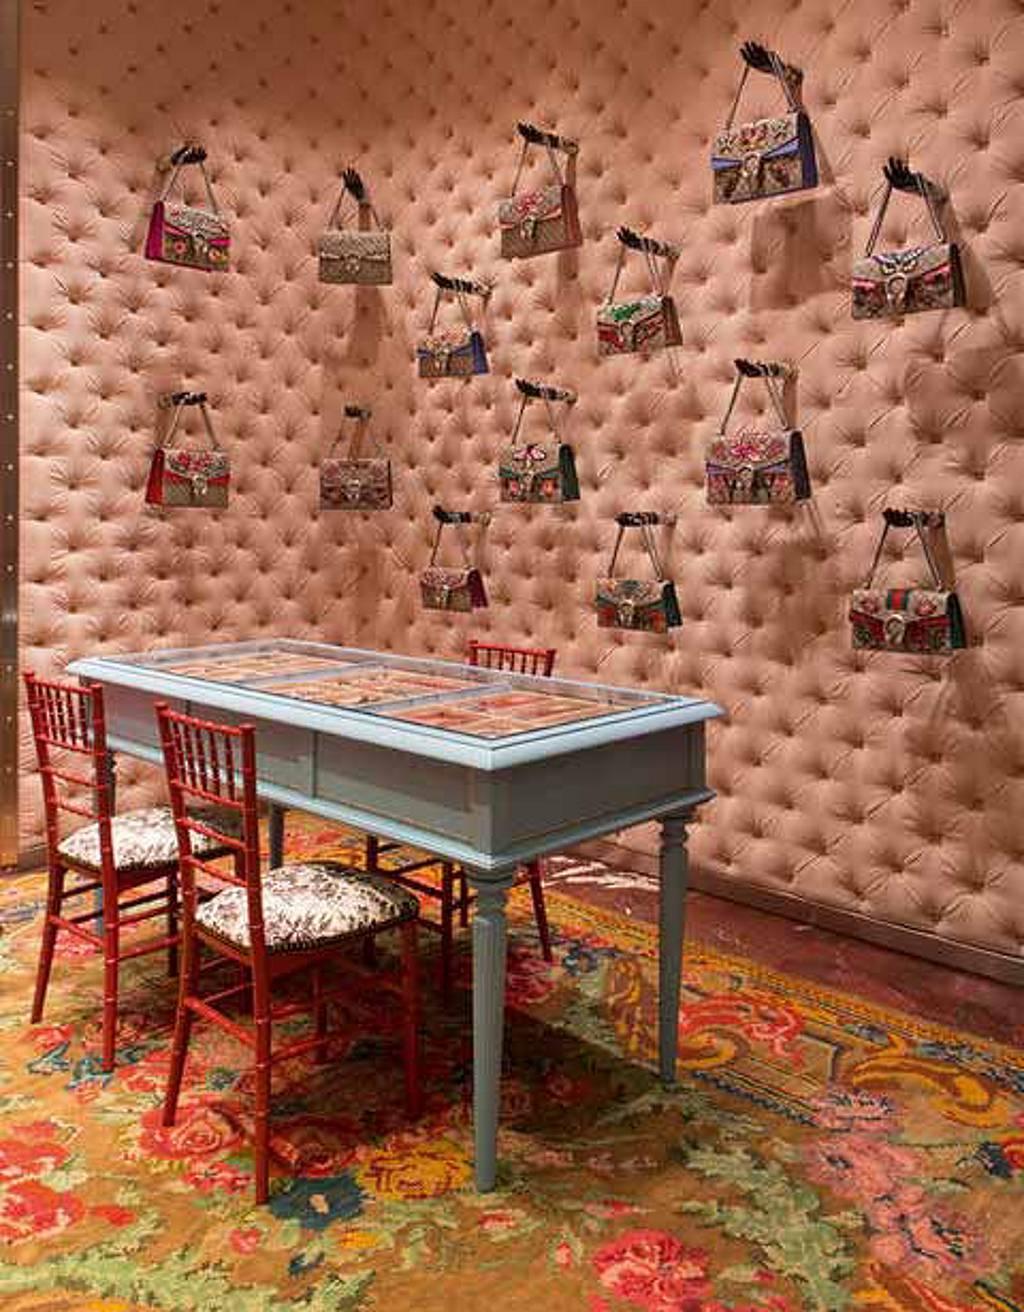 Gucci está permitiendo a los consumidores hacer modificaciones manuales en la tienda : Fotografía cortesía de © MTD